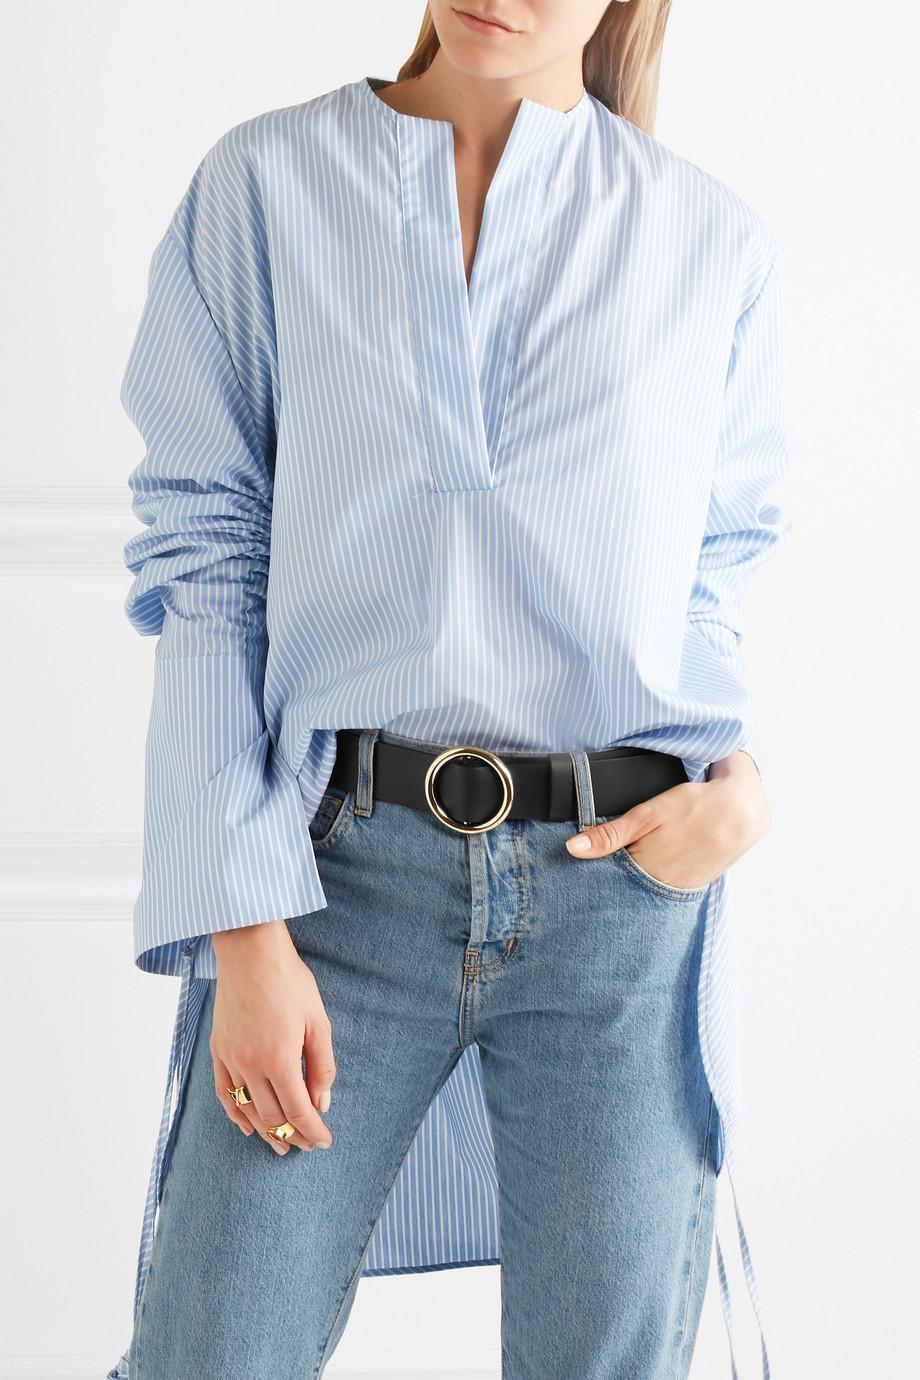 Le Circle Leather Belt - Black Frame Denim VMdRHc